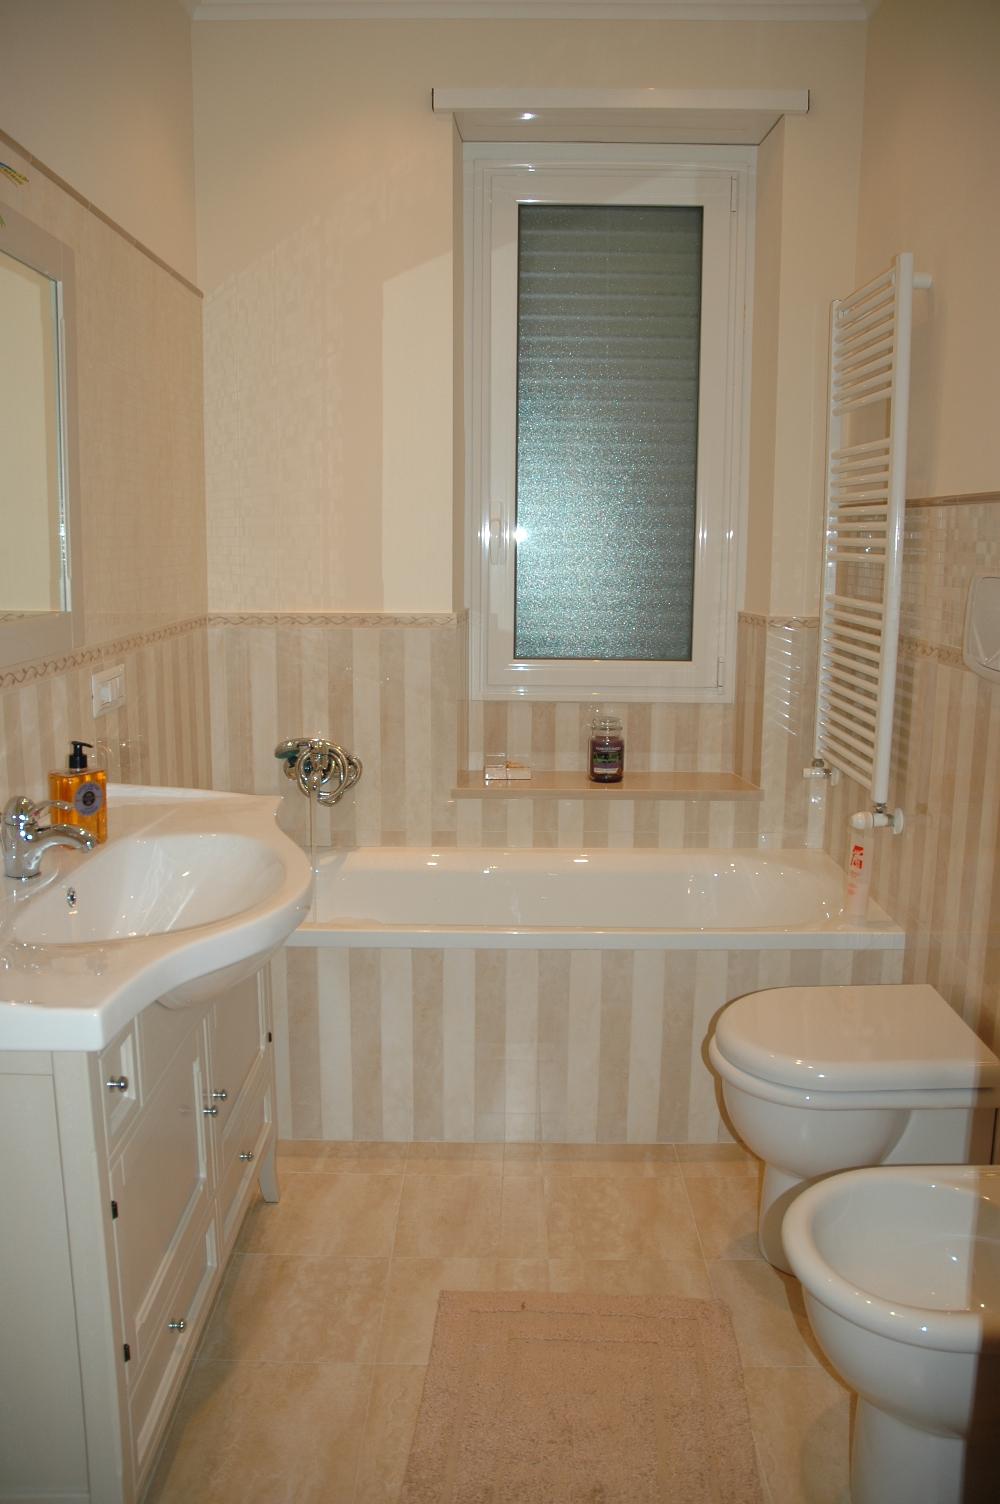 Un bagno rilassante - Bagno rilassante ...